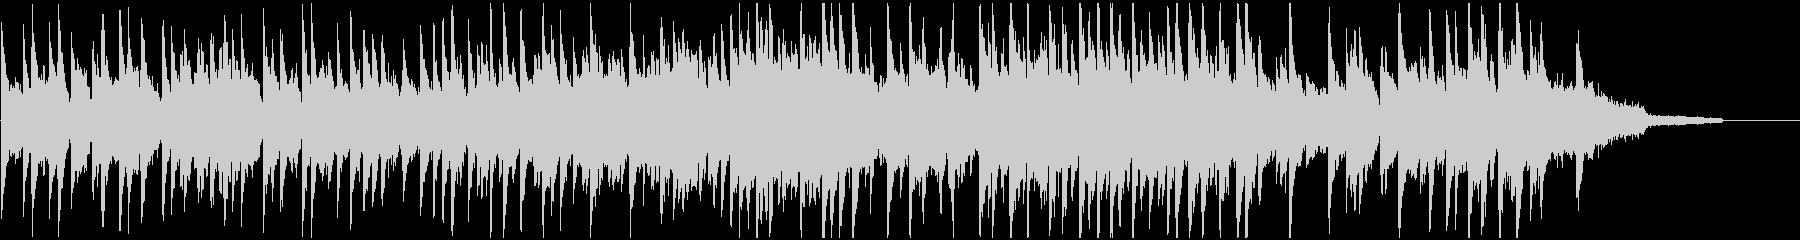 ストリングスとピアノの明るいOP短ドラ無の未再生の波形